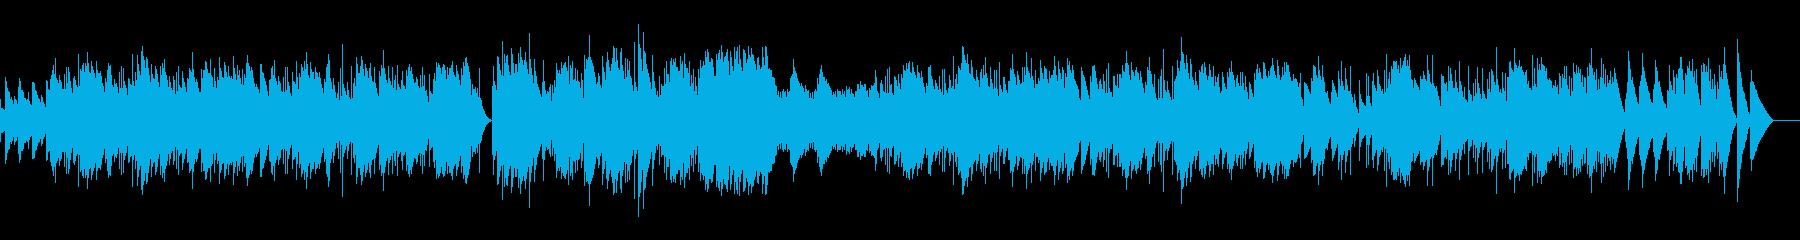 コッペリア ワルツ(オルゴール)の再生済みの波形